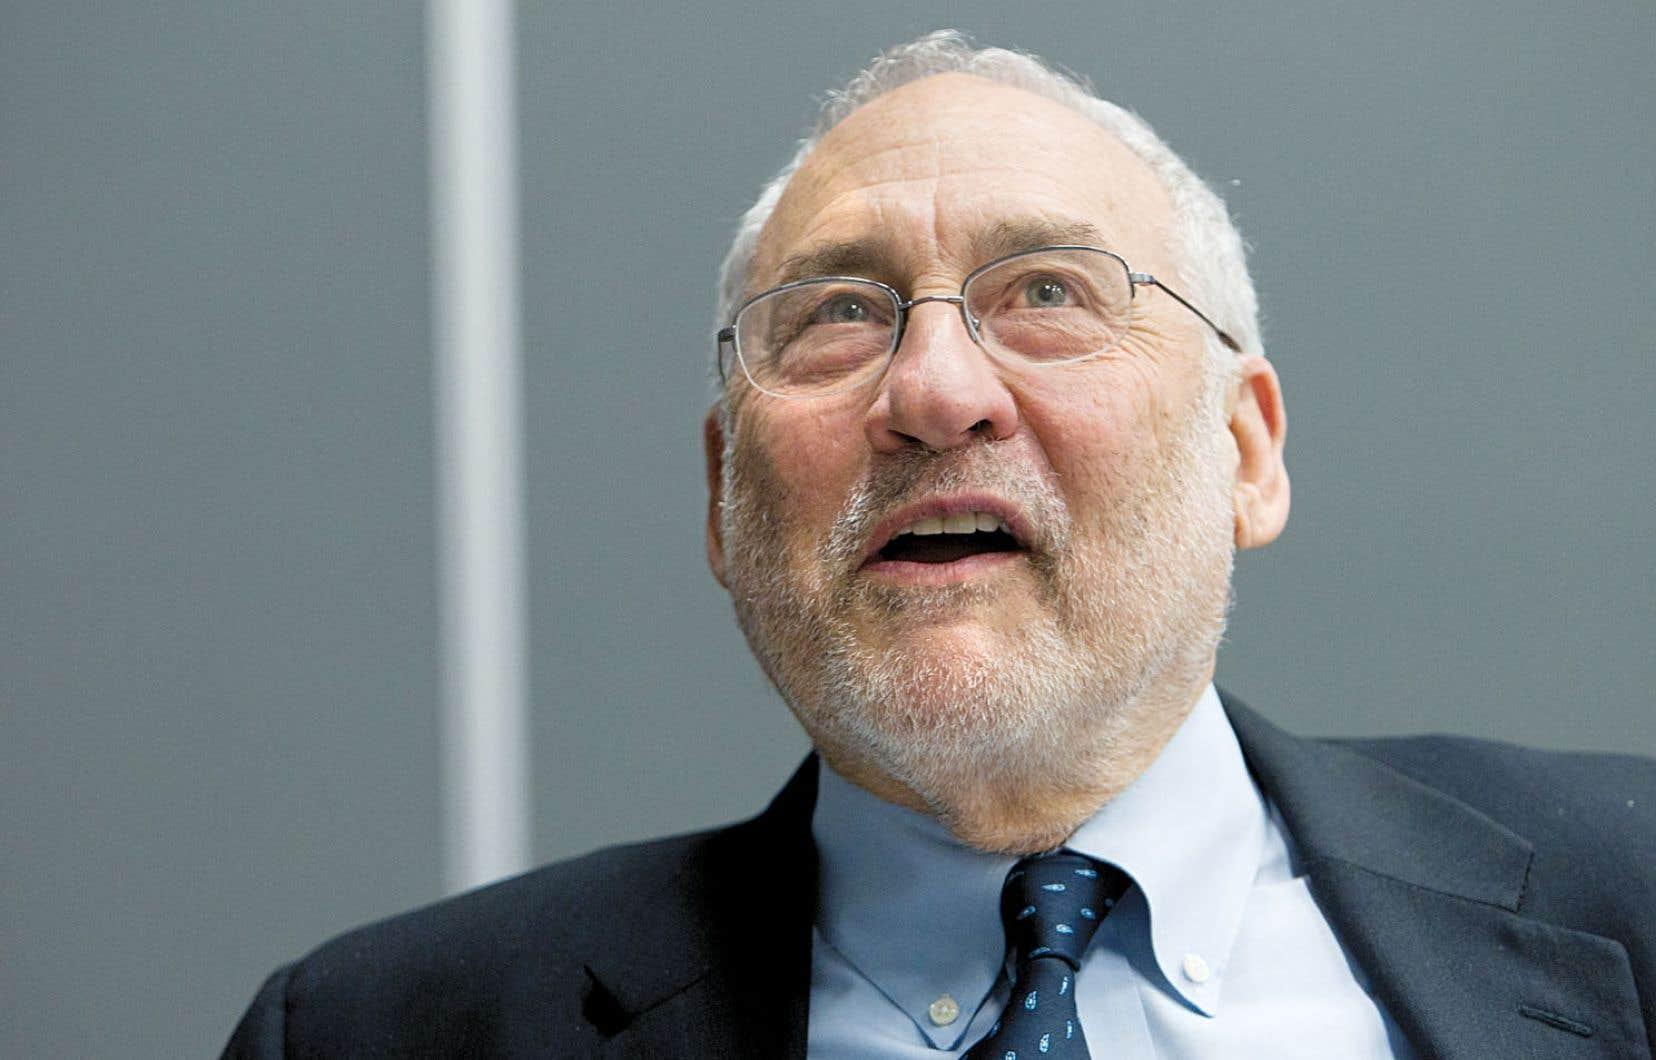 Joseph Stiglitz : « L'économie n'a pas fait son travail pour la plupart des Américains. »